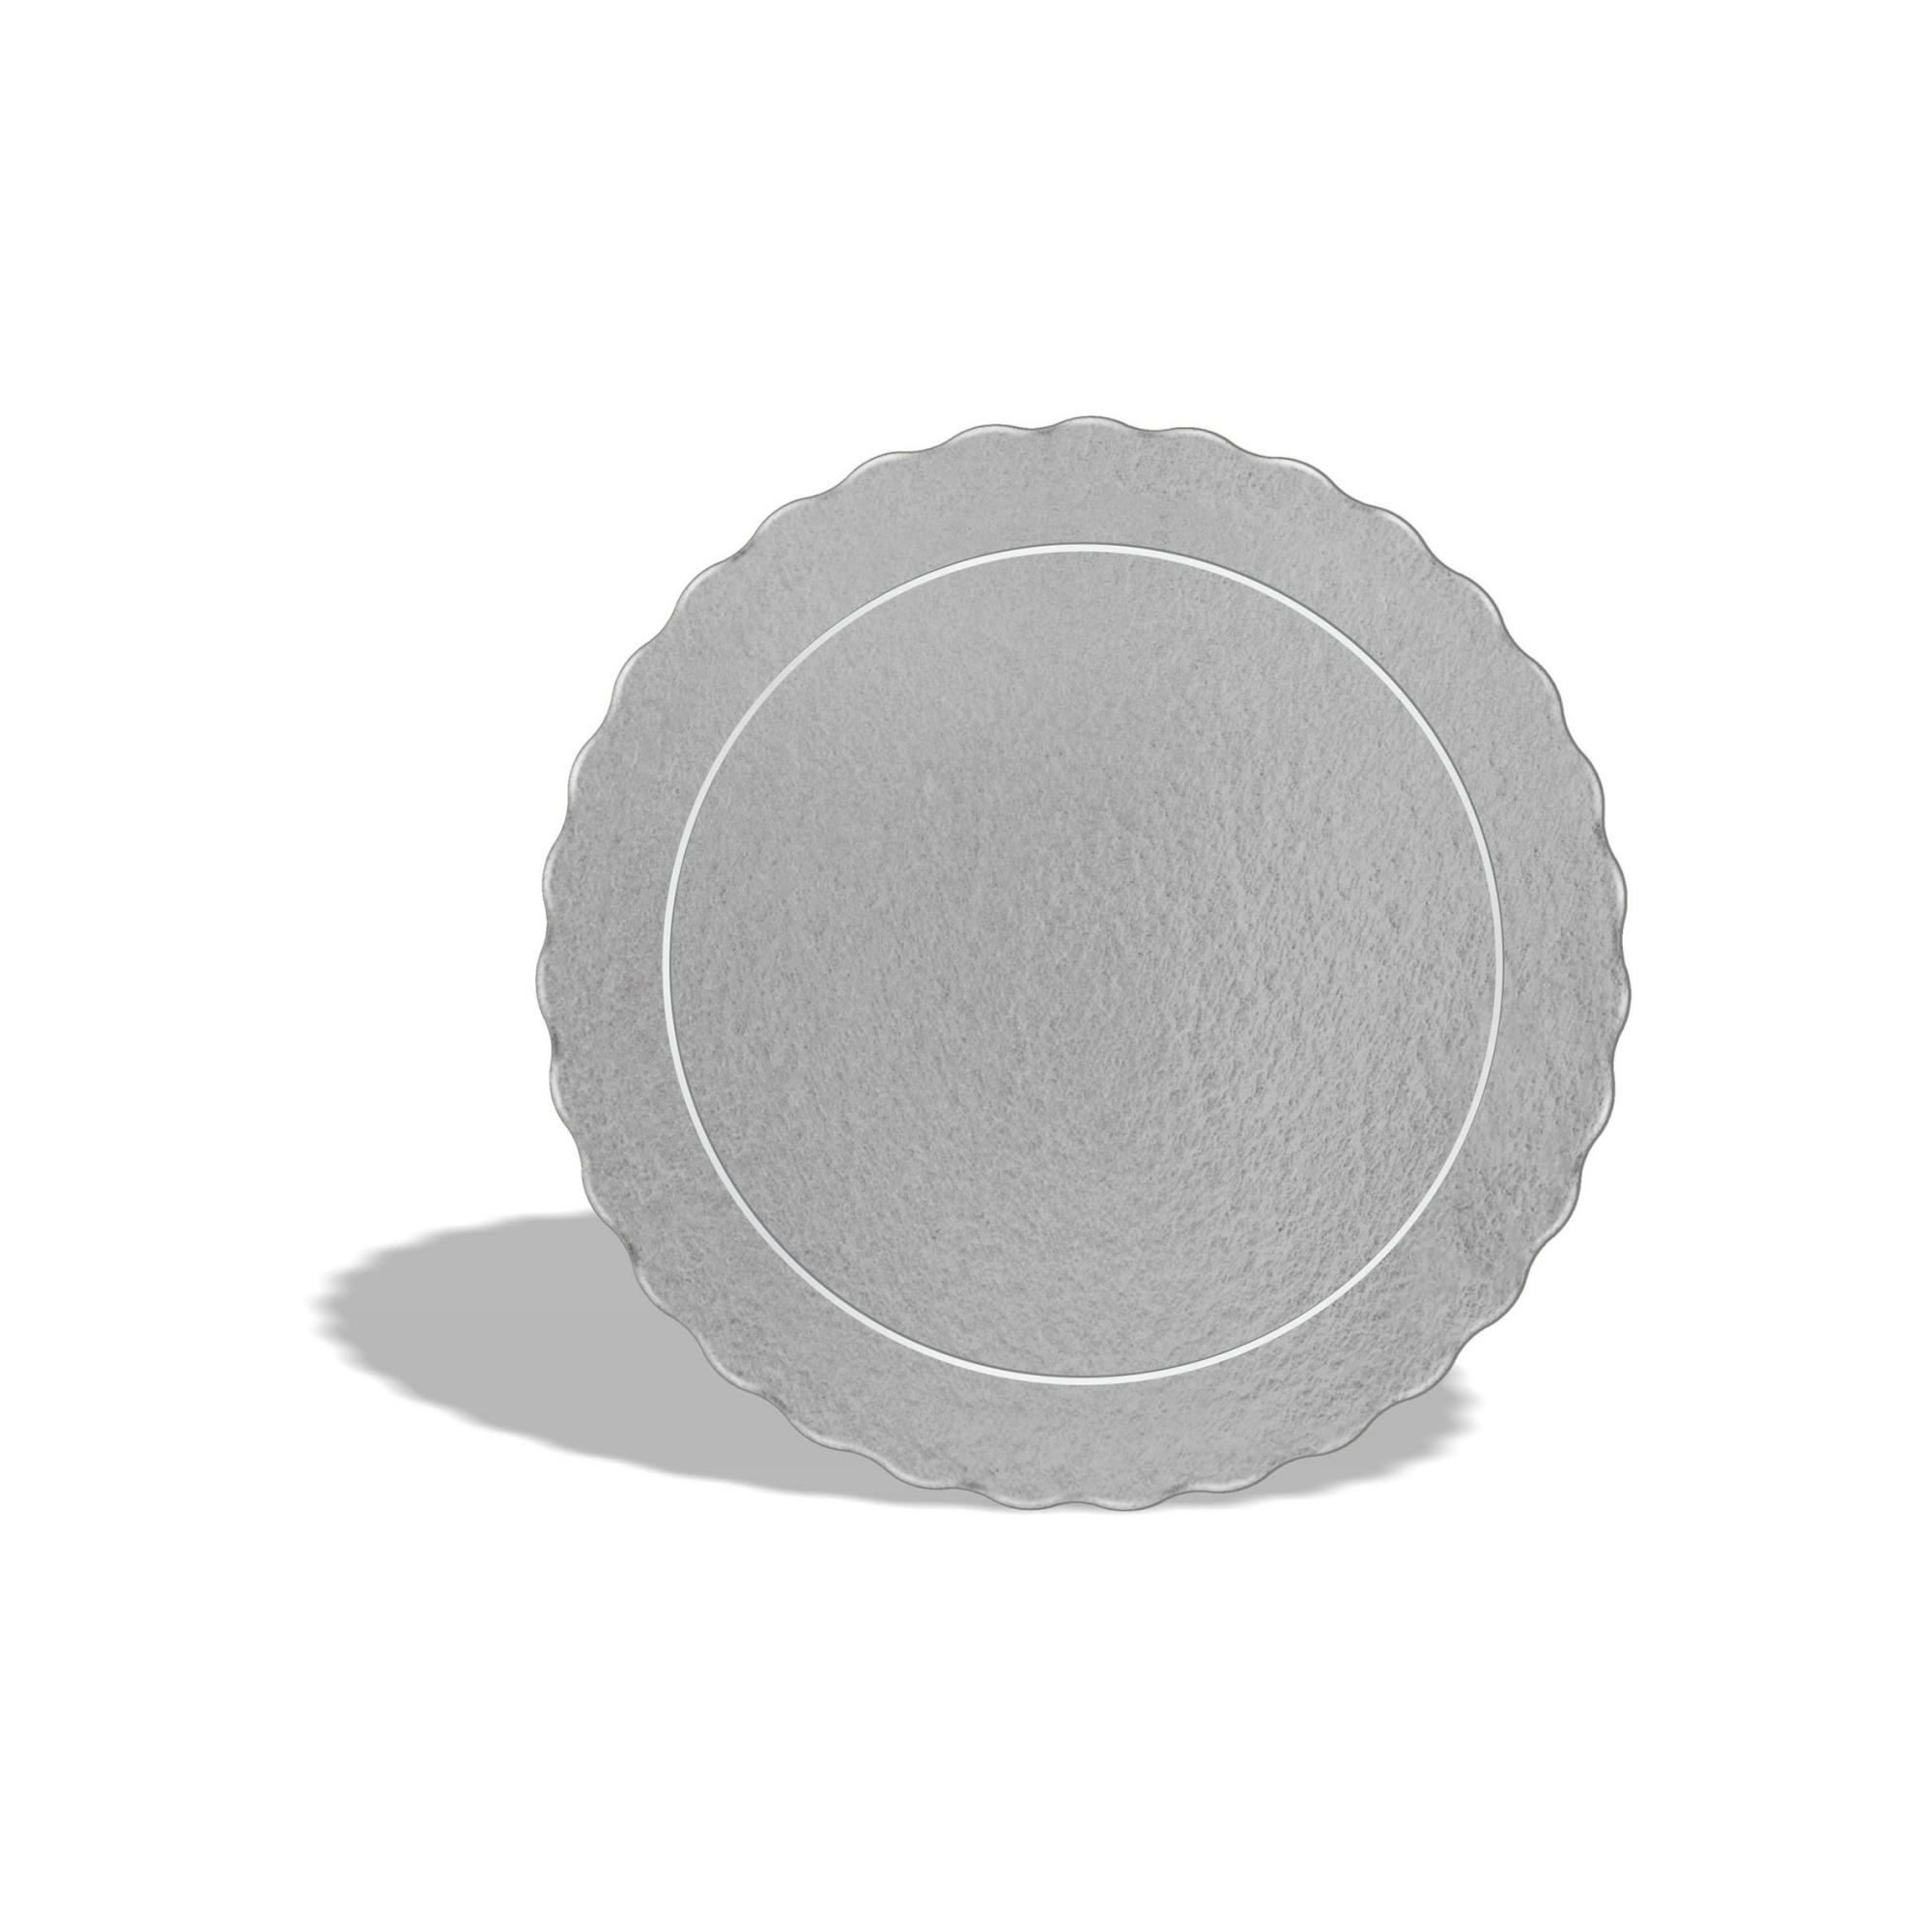 100 Bases Laminadas Para Bolo Redondo, Cake Board 21cm - Prata